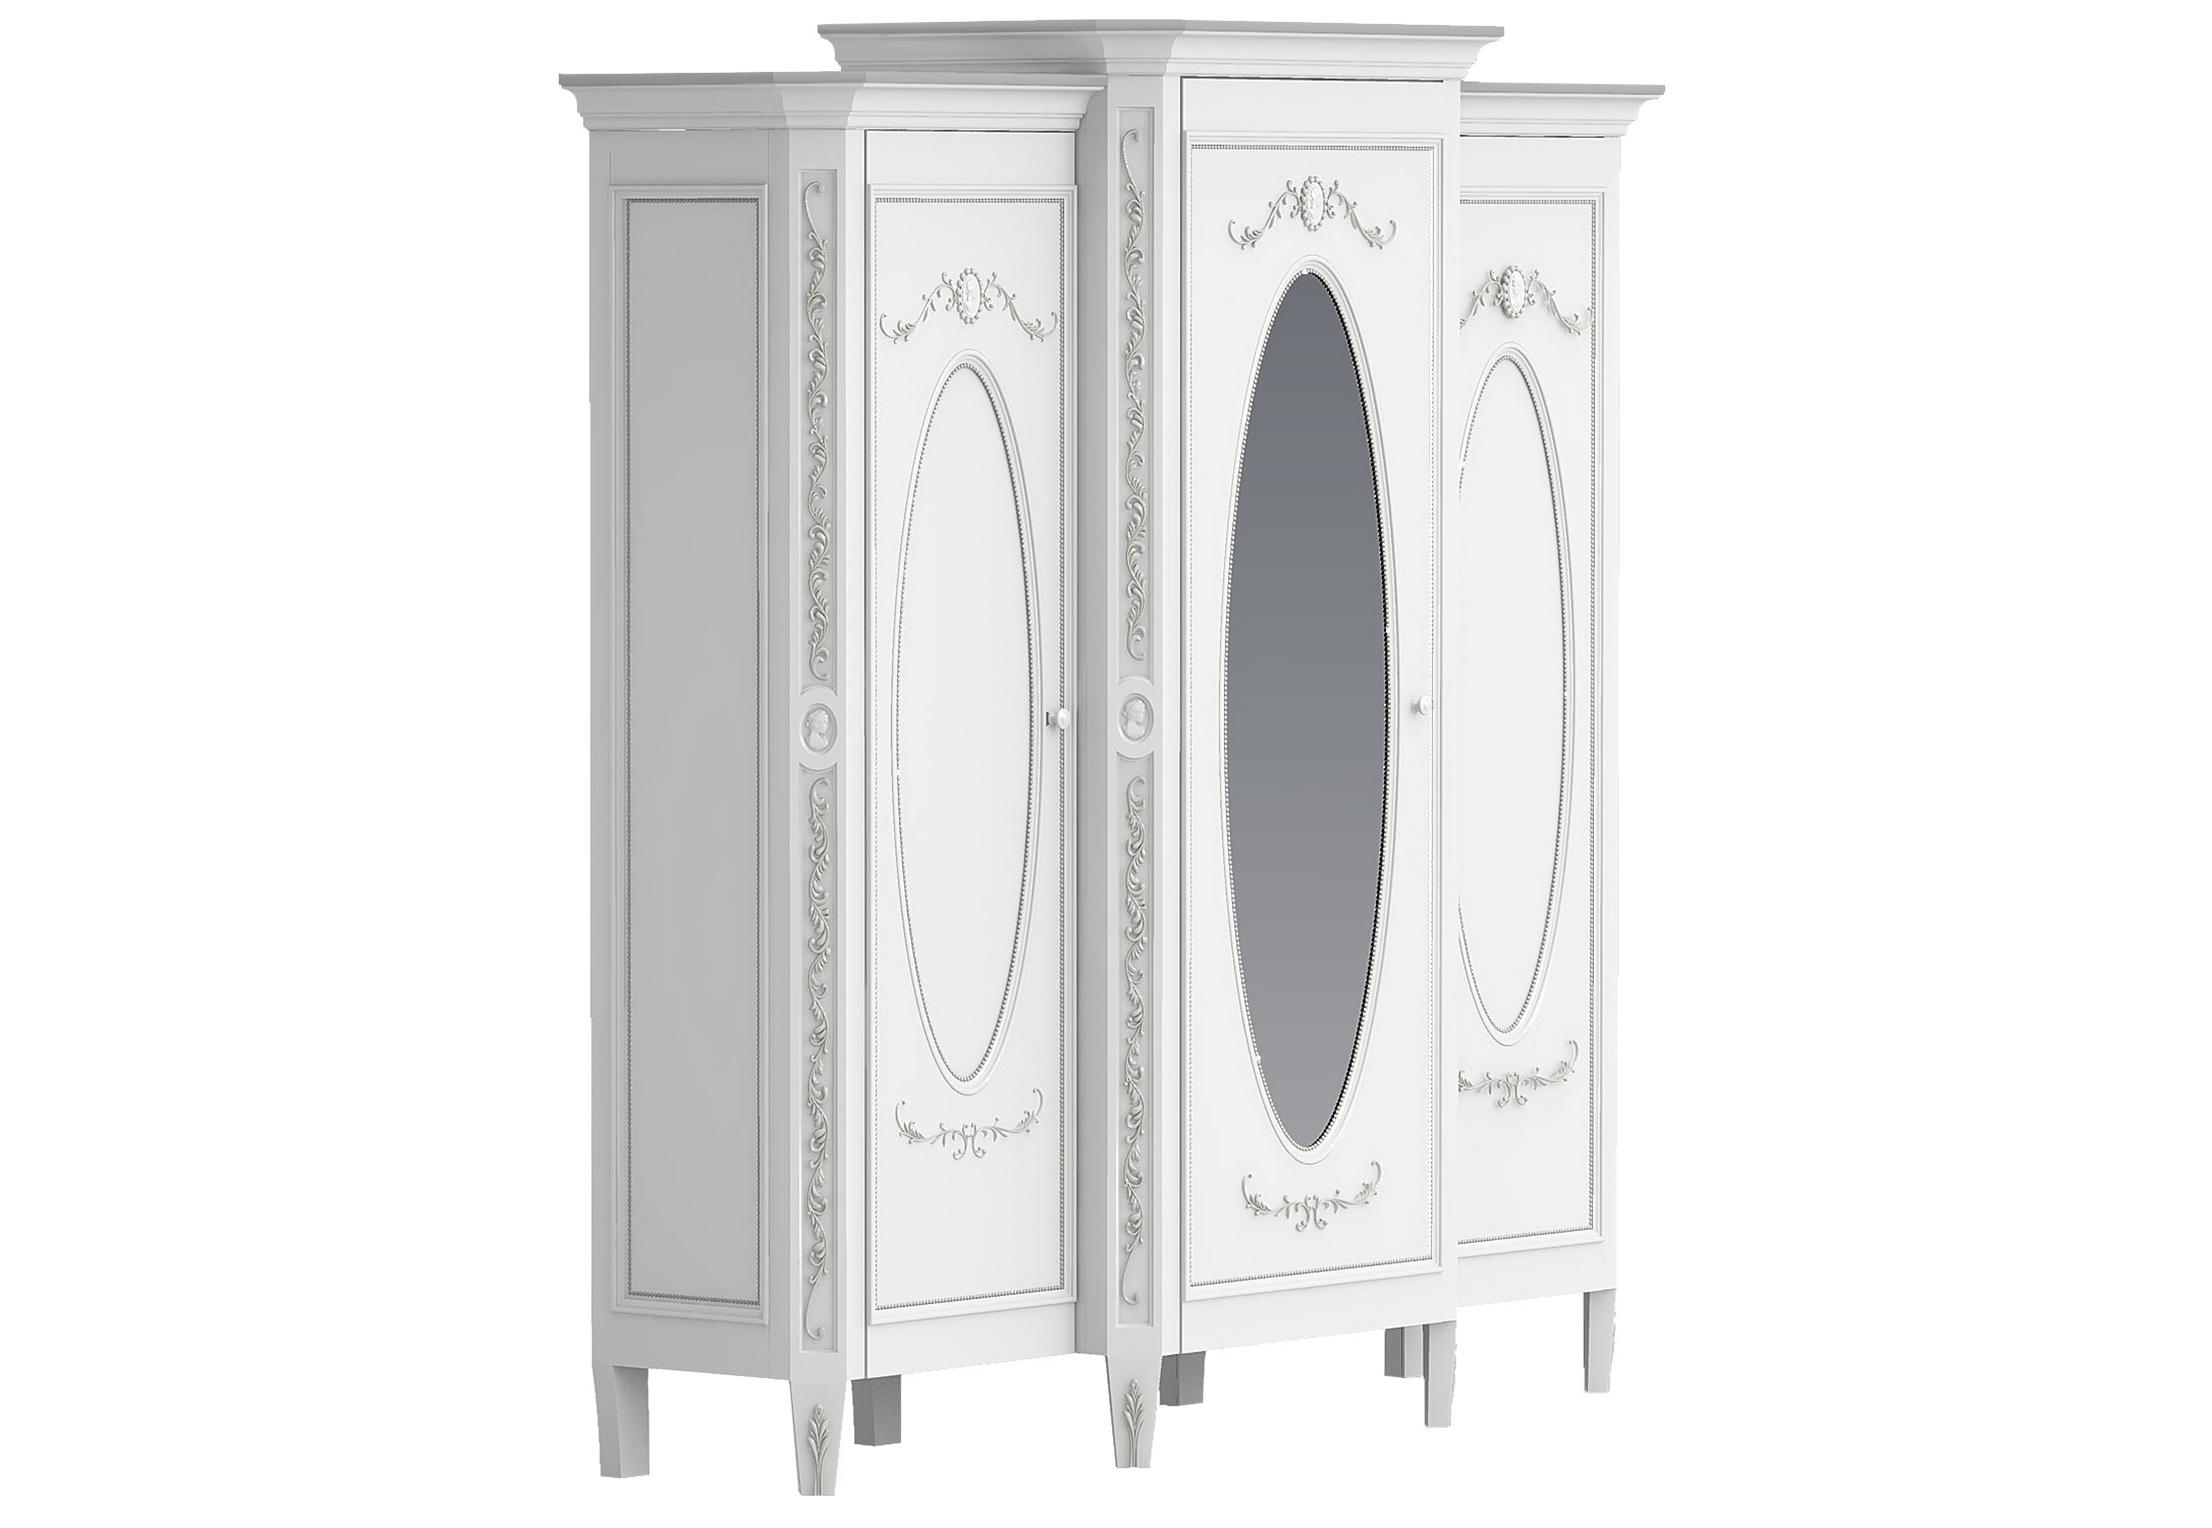 Шкаф платяной трехстворчатый с зеркалом БудуарПлатяные шкафы<br>Белая мебель для спальни коллекции &amp;quot;Будуар&amp;quot; - классическая мебель стиля Барокко, воплотившая в себе женственность, красоту и нежность дамских будуаров XVIII века. Узоры из жемчужин, цветов и камей - все это объединяет в себе тонкий лепной бордюр, искусно украшающий белую мебель, а легкое патинирование придает ему оттенок времени и неповторимого шика.<br><br>Material: Бук<br>Ширина см: 215<br>Высота см: 210<br>Глубина см: 62